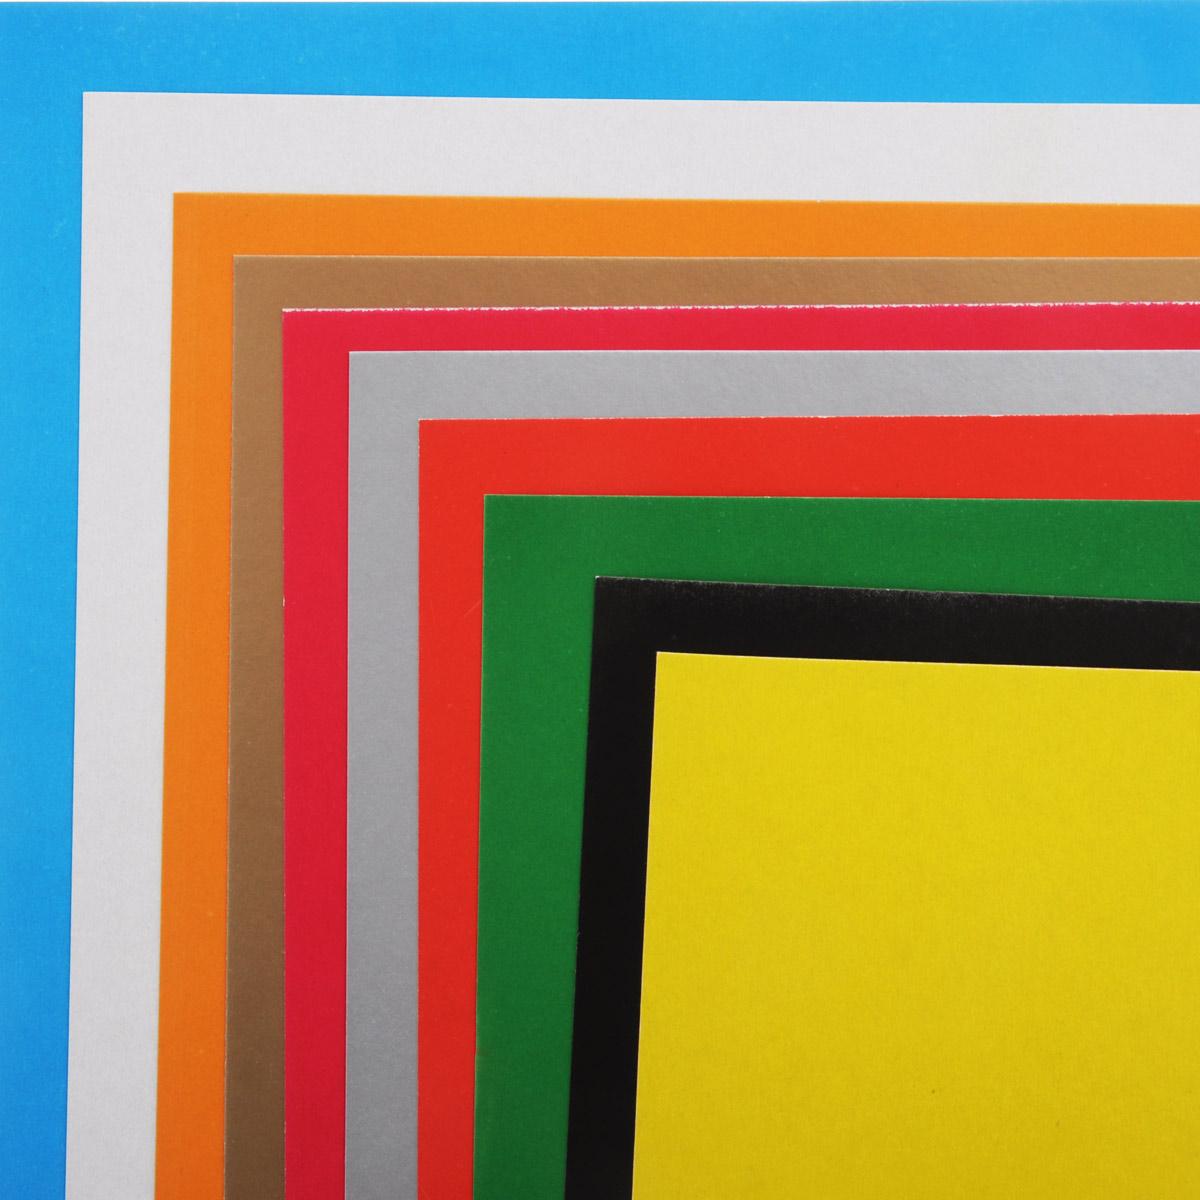 Набор цветного картона Proff Fizzy Moon - это качественный, замечательный набор для детского творчества, который состоит из 10 листов картона разных цветов. Набор позволит создавать всевозможные аппликации и поделки.  Создание поделок из цветного картона позволяет ребенку развивать творческие способности, кроме того, это увлекательный досуг.